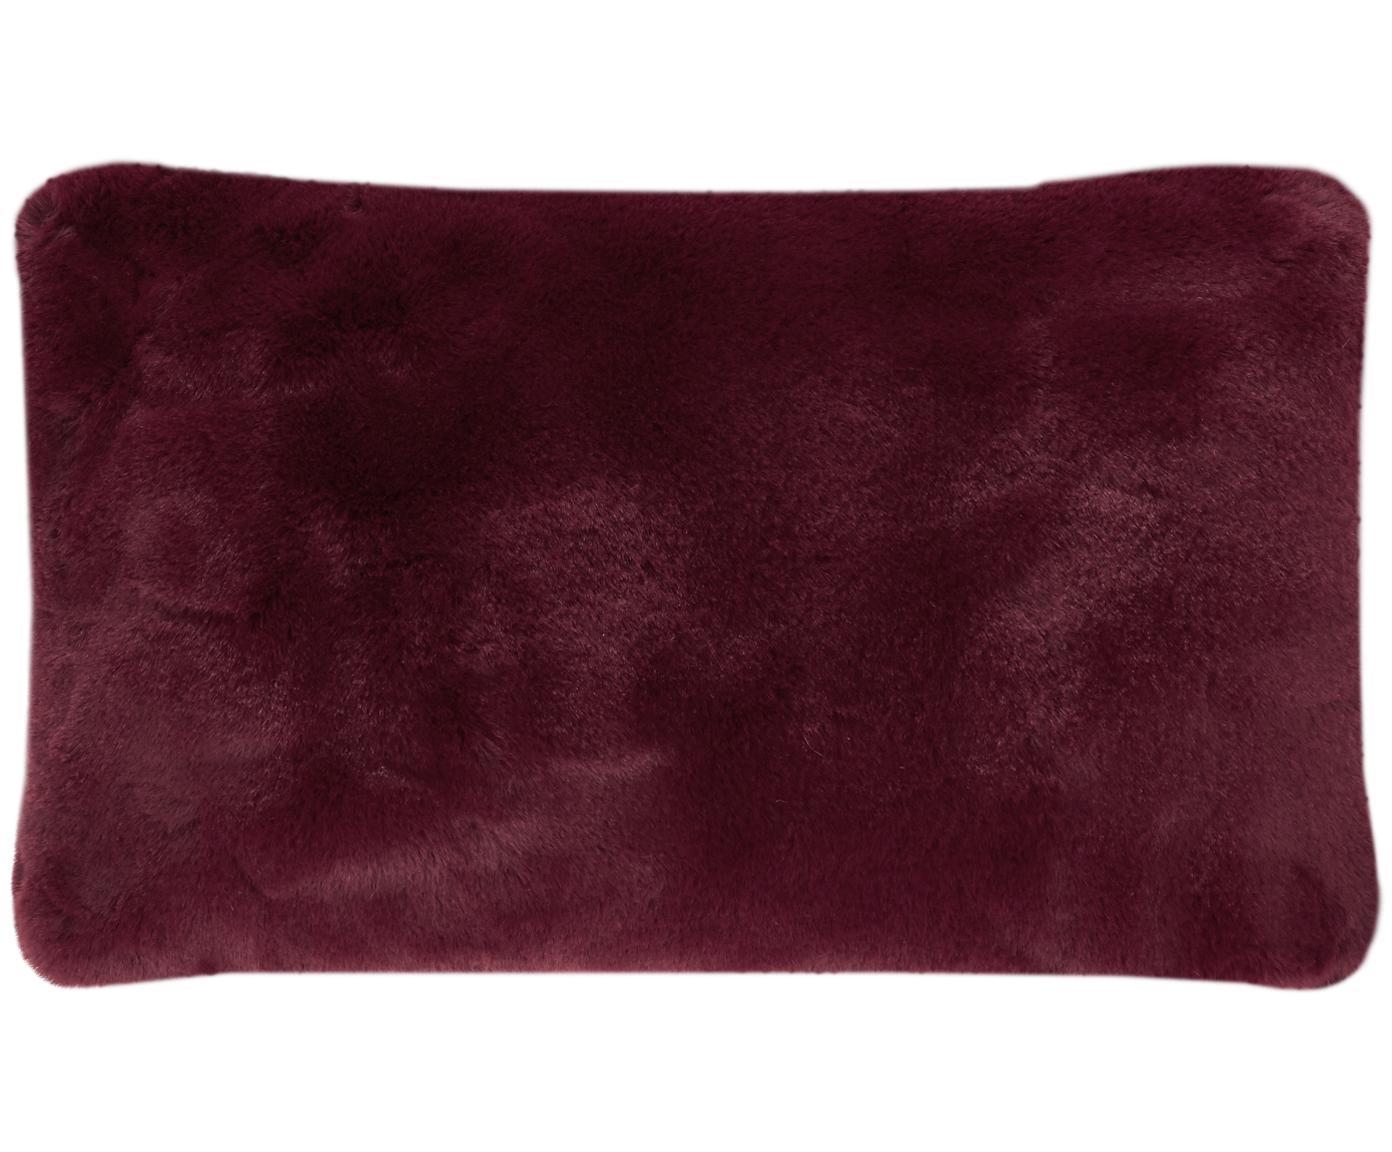 Poszewka na poduszkę ze sztucznego futra Mette, gładki, Ciemny czerwony, S 30 x D 50 cm